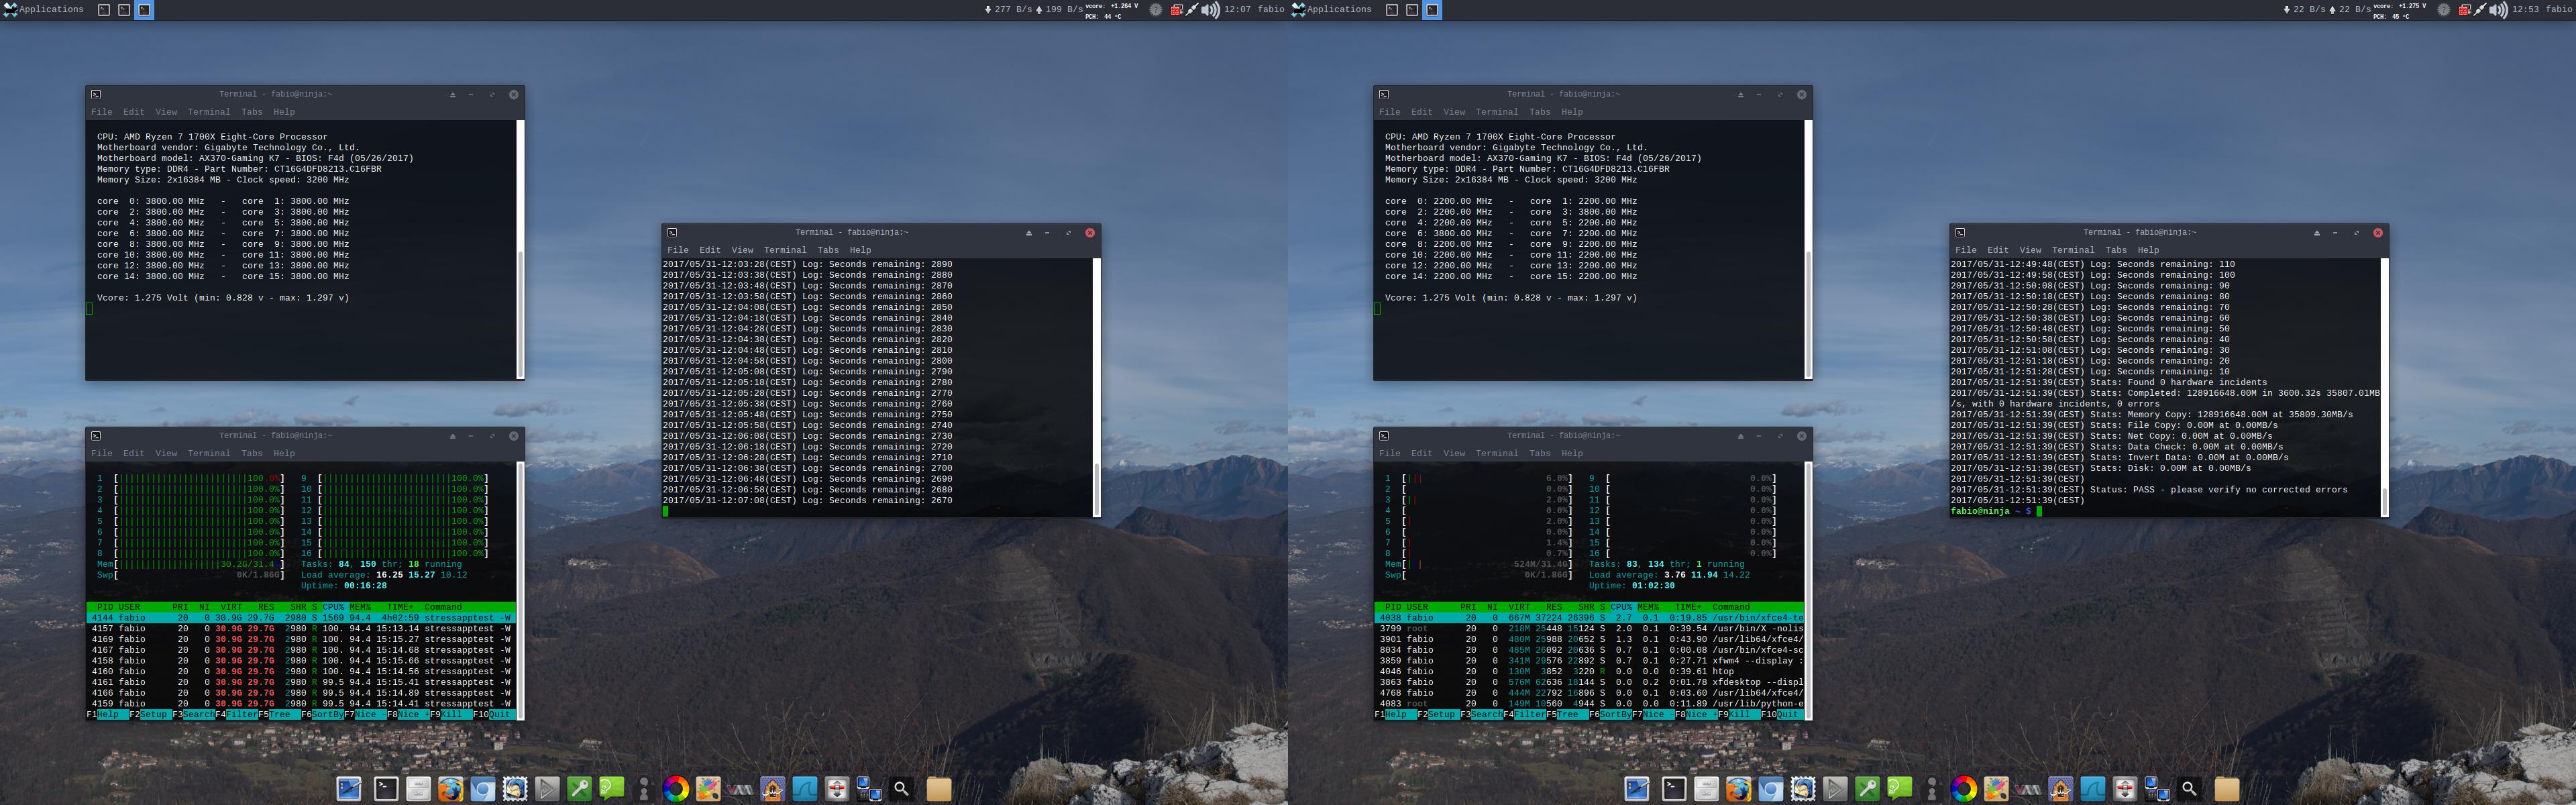 AMD Ryzen on Linux · uwot eu